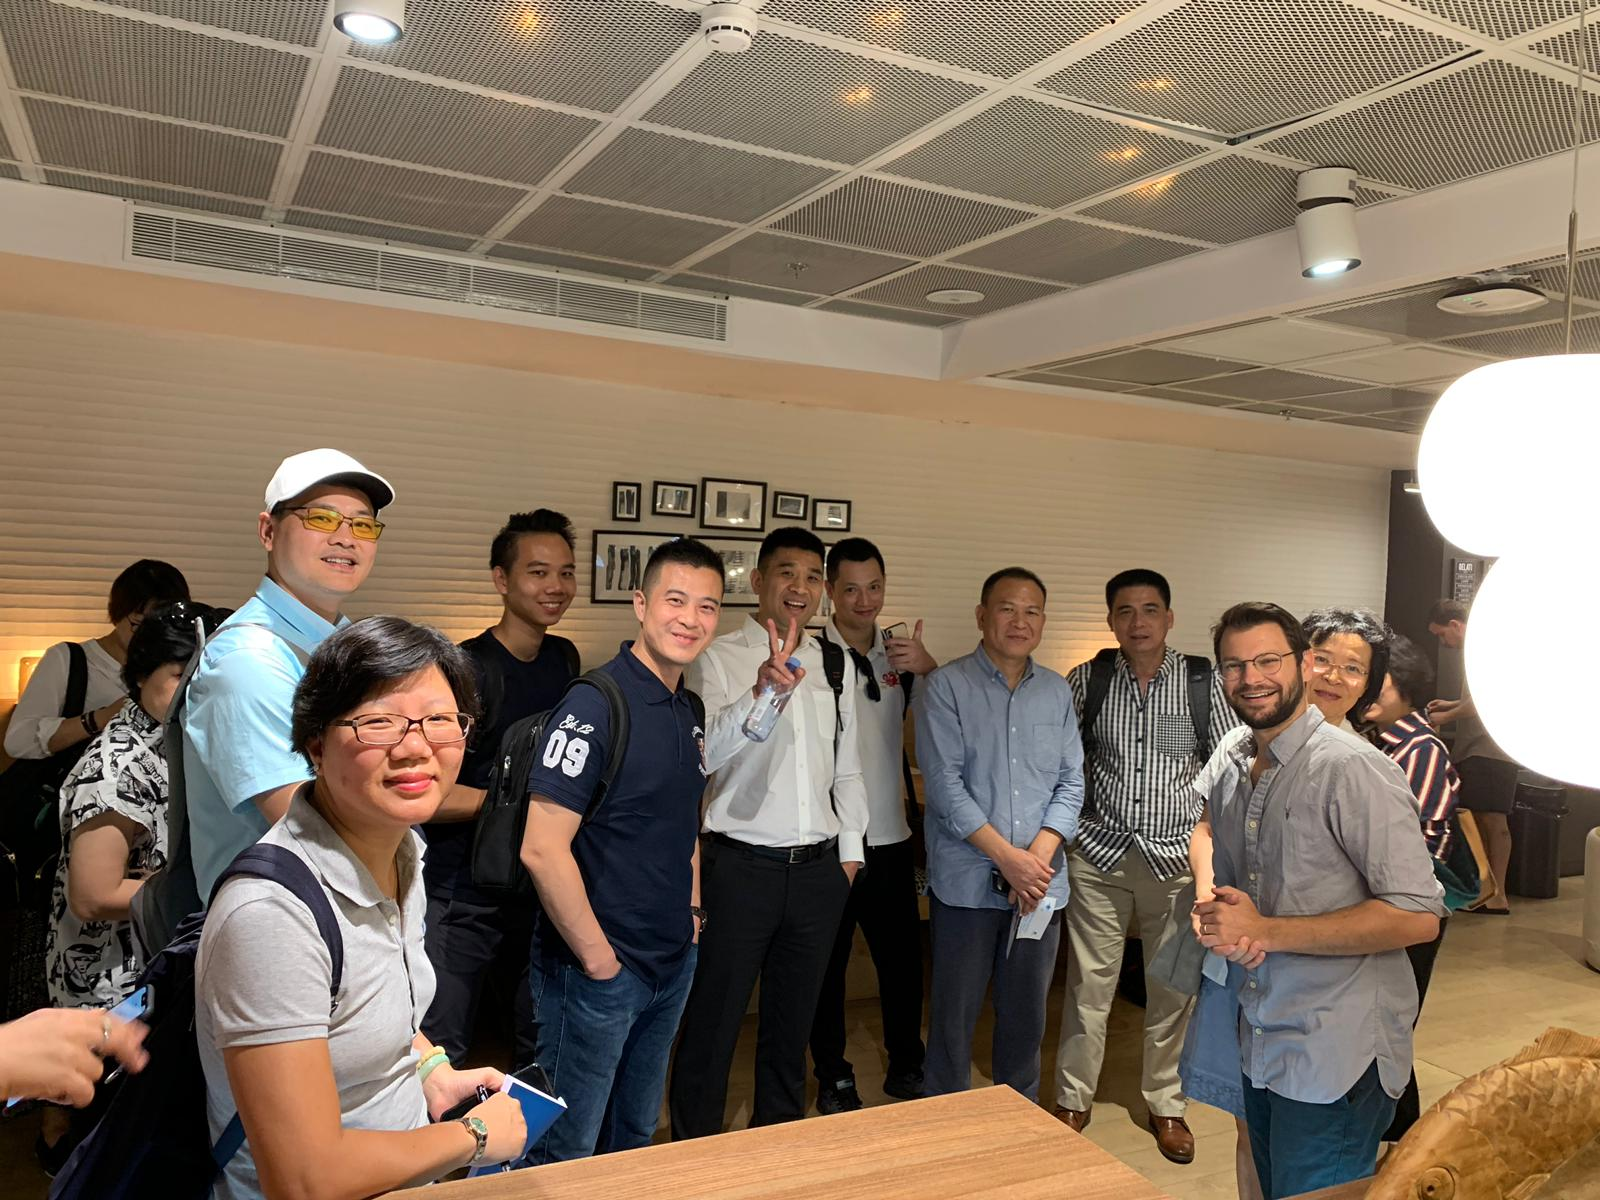 דניאל רובין, מנהל פיתוח וצמיחה ברשת Urban Place עם המשלחת מדרום סין.